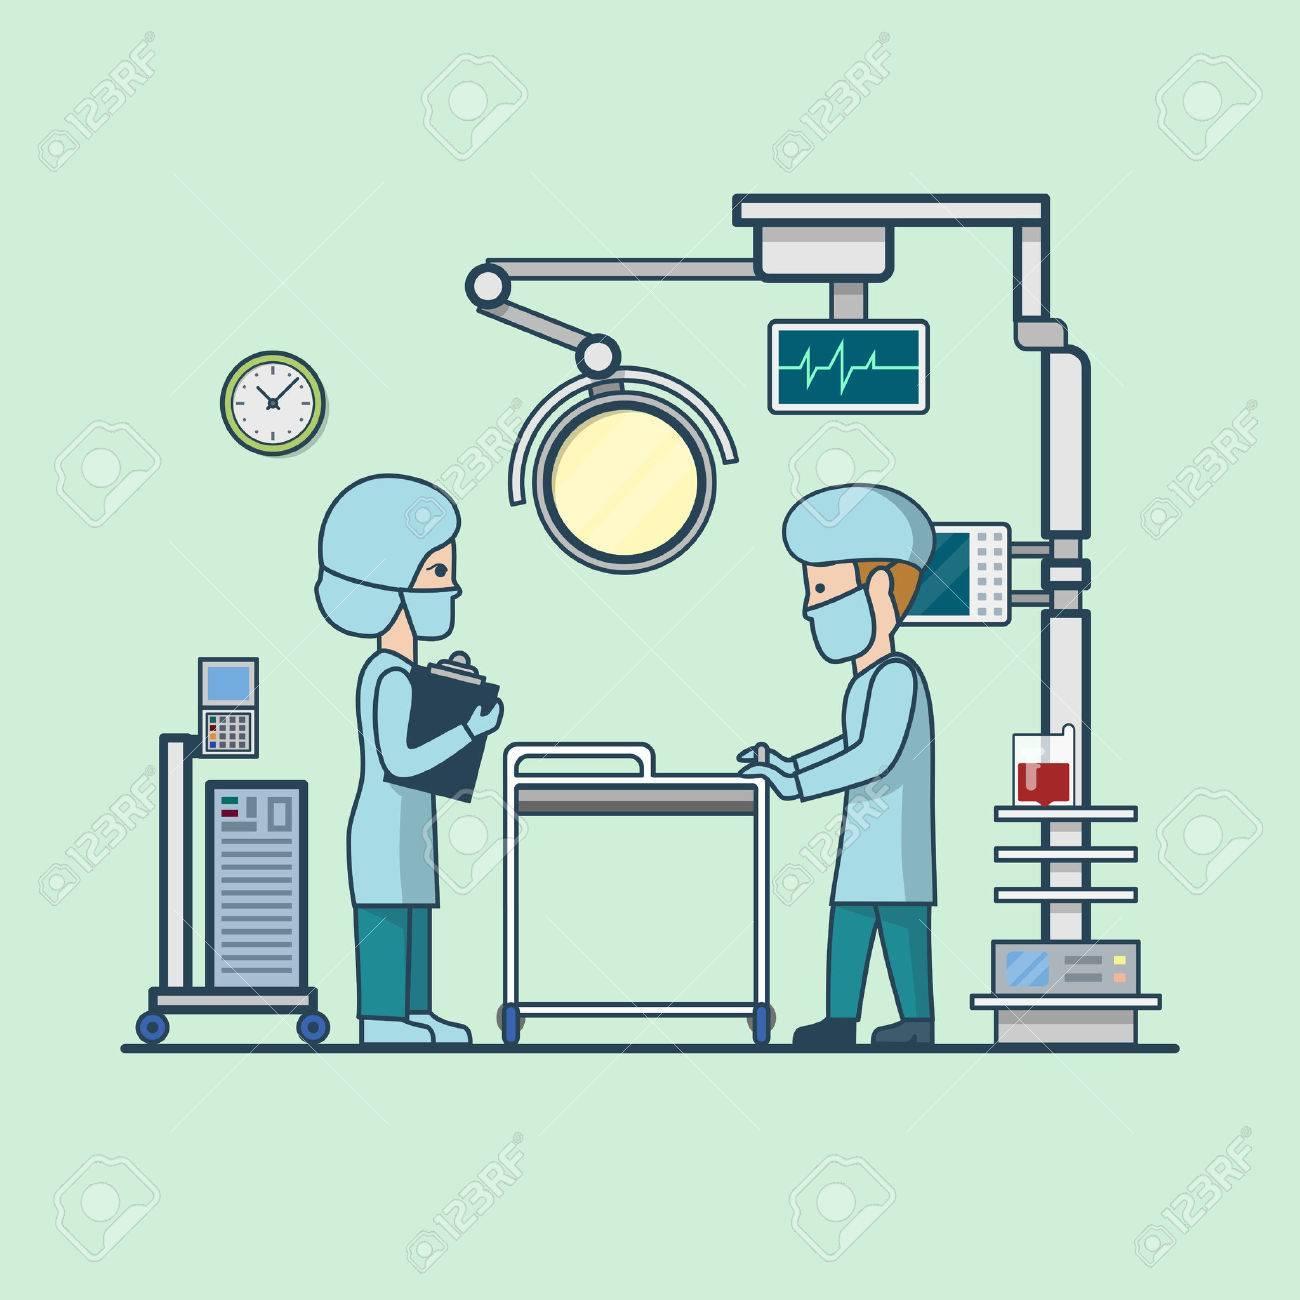 Operating room nurse clipart 7 » Clipart Portal.